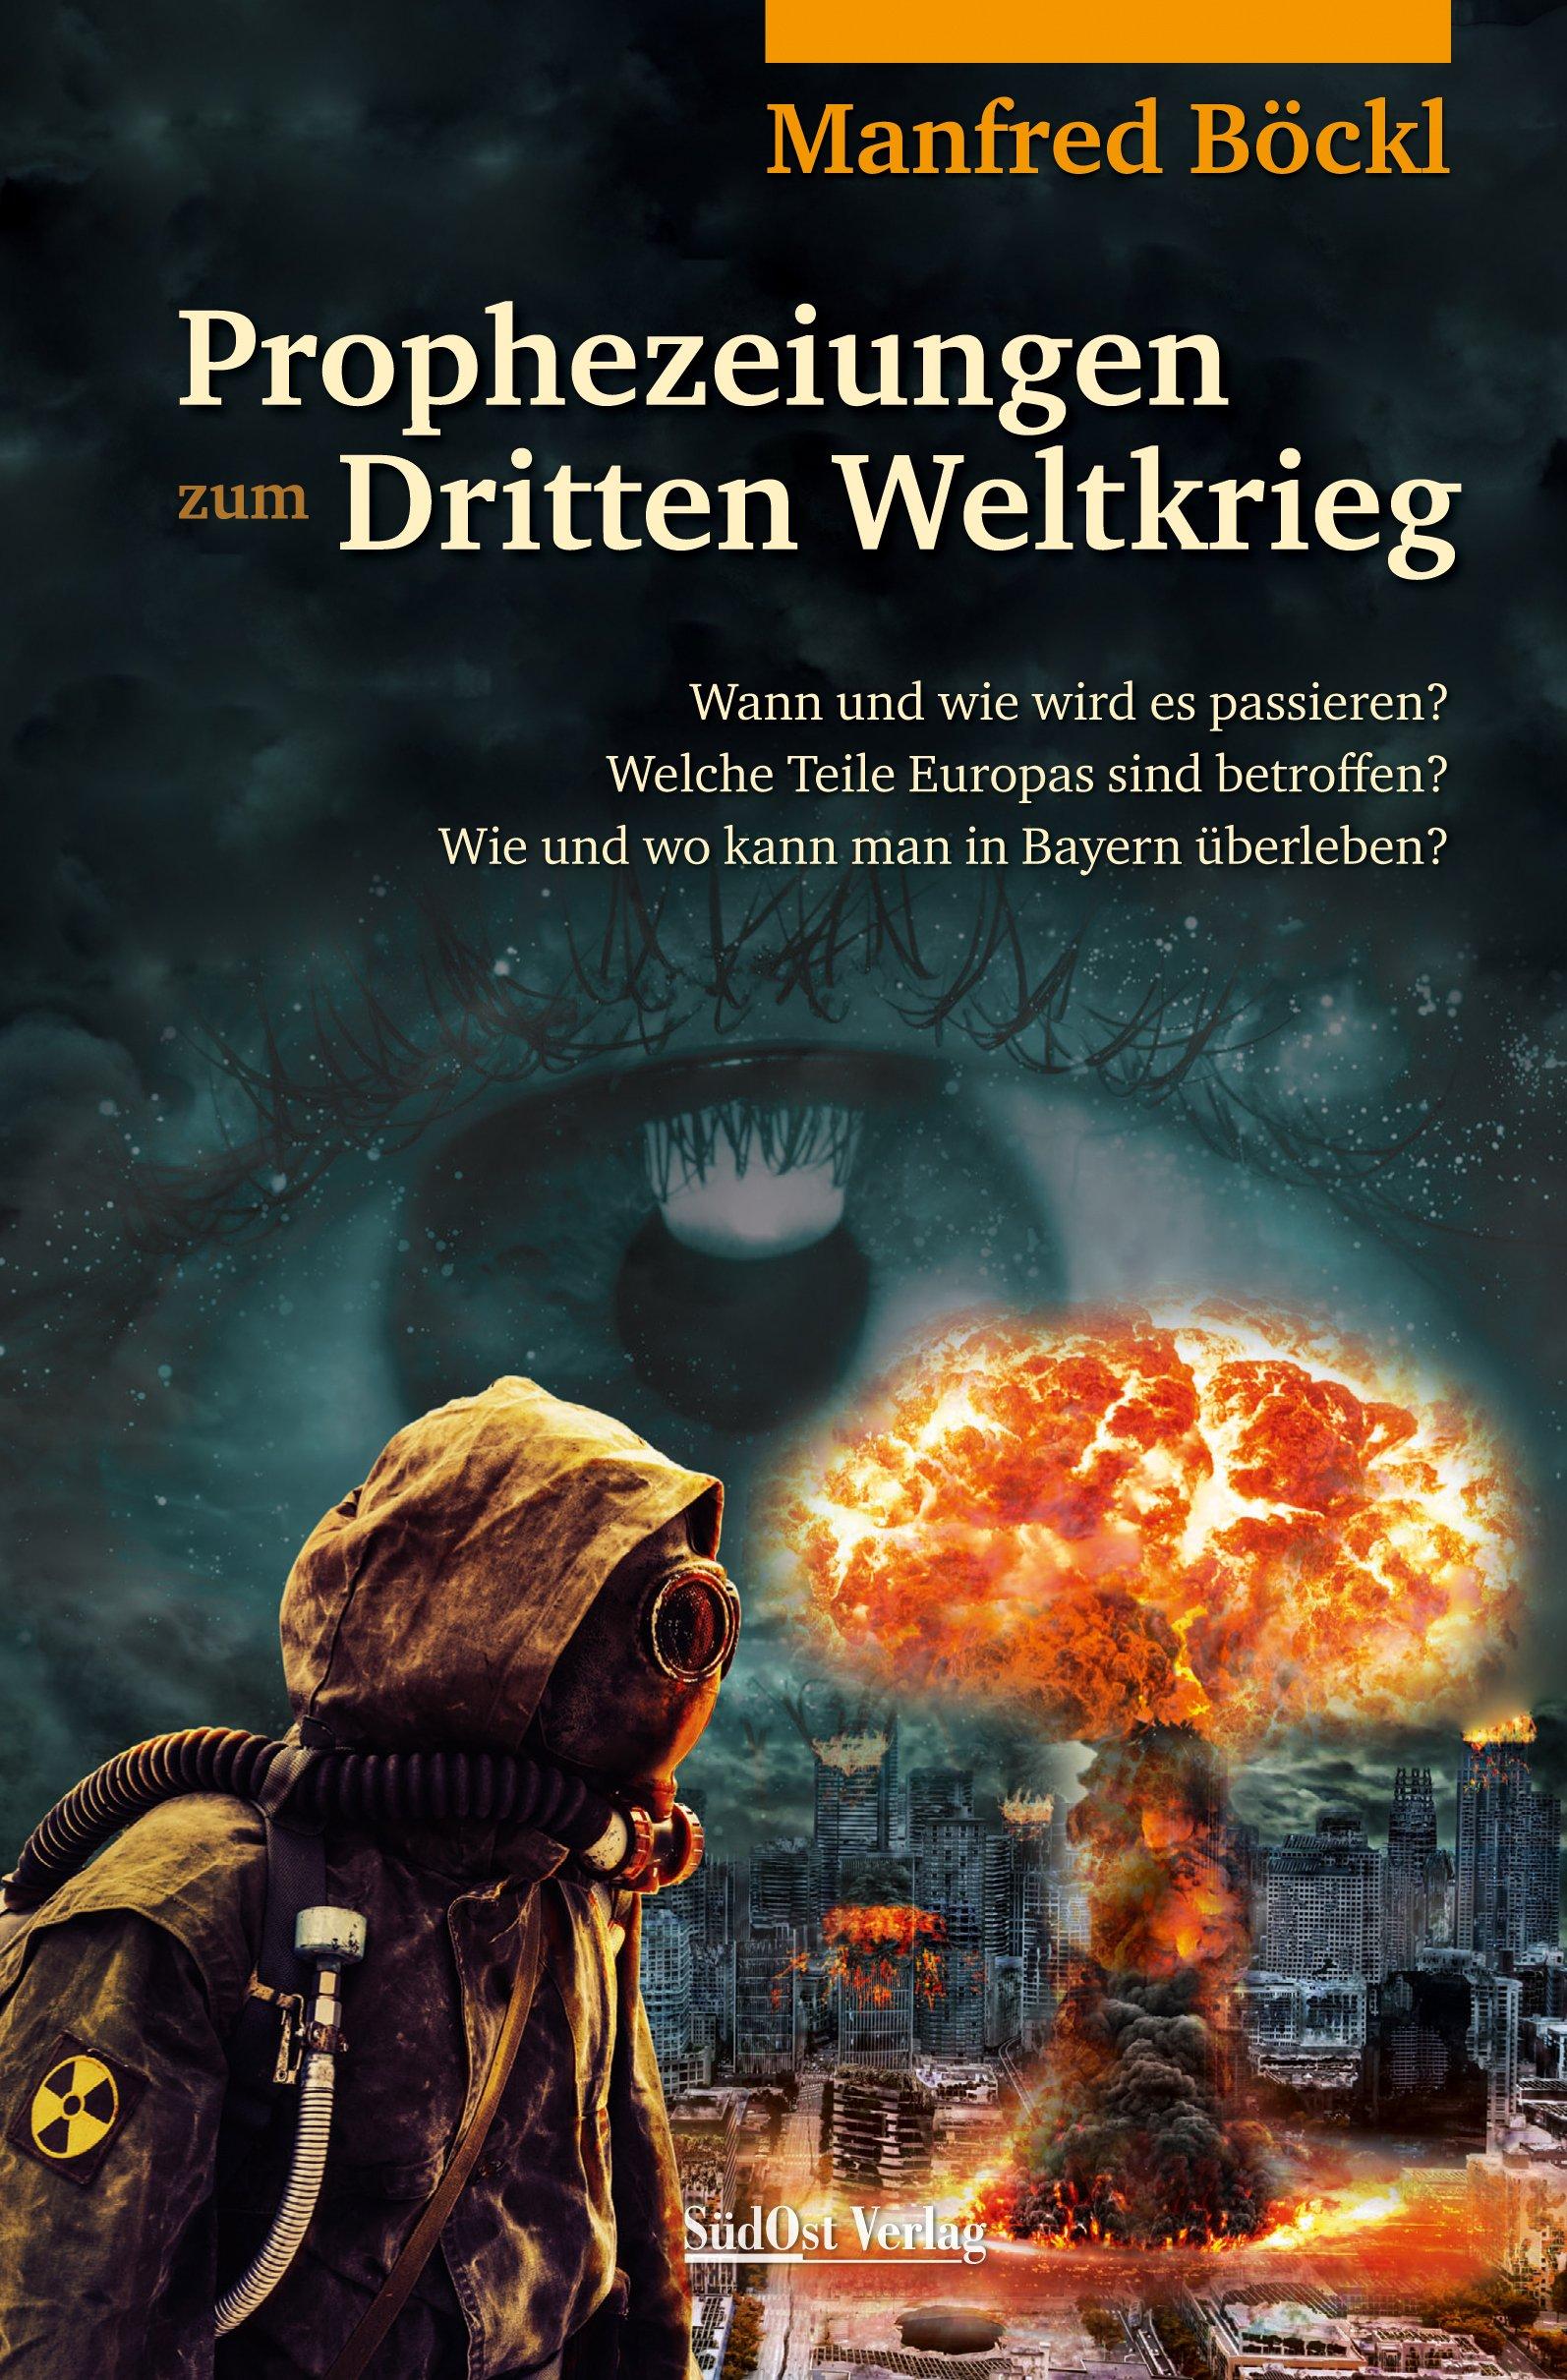 prophezeiungen-zum-dritten-weltkrieg-wann-und-wie-wird-es-passieren-welche-teile-europas-sind-betroffen-wie-und-wo-kann-man-in-bayern-berleben